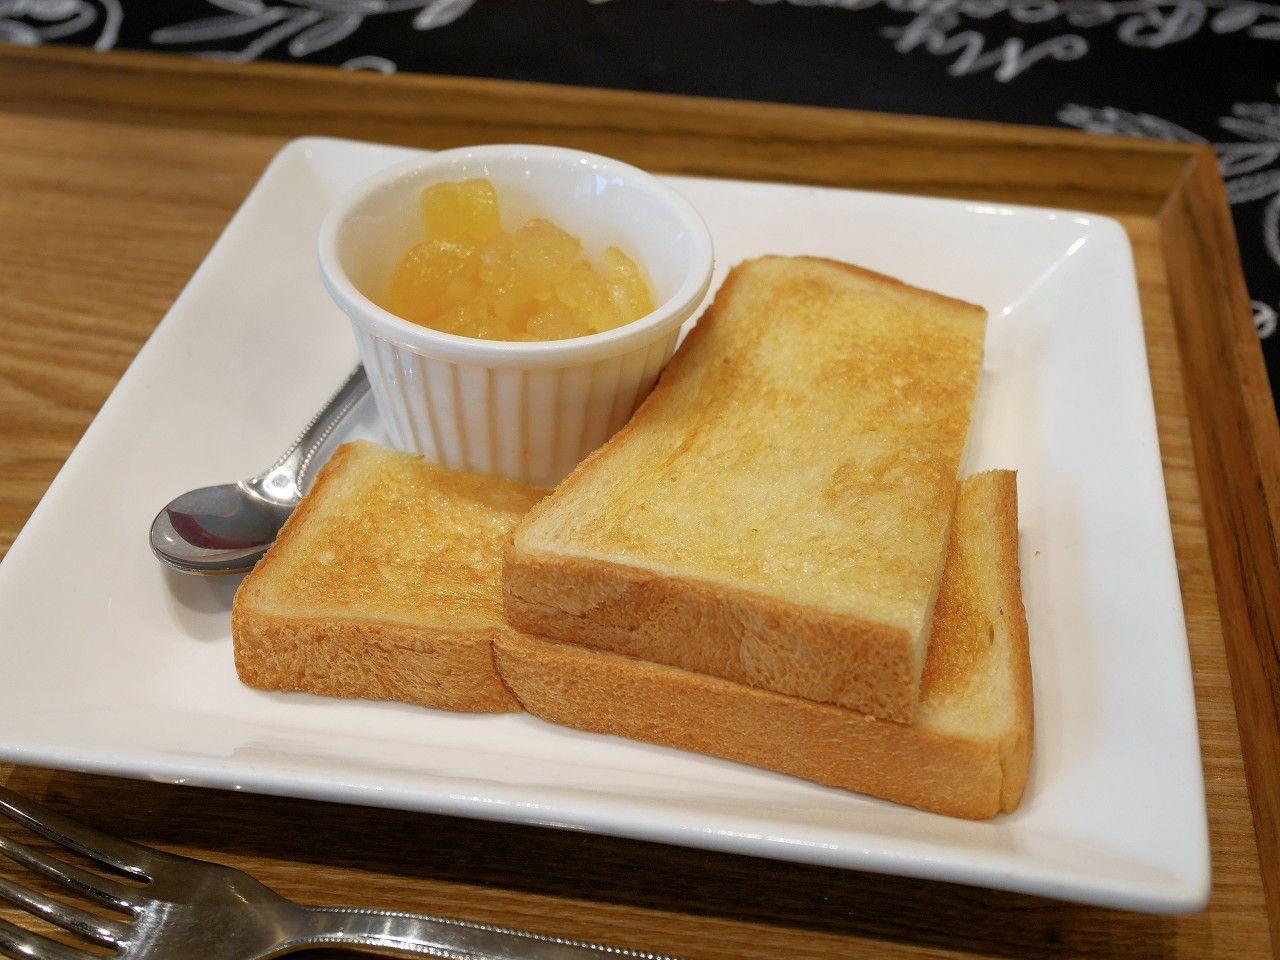 フルーツサンド+トースト!?ボリューム満点のモーニング